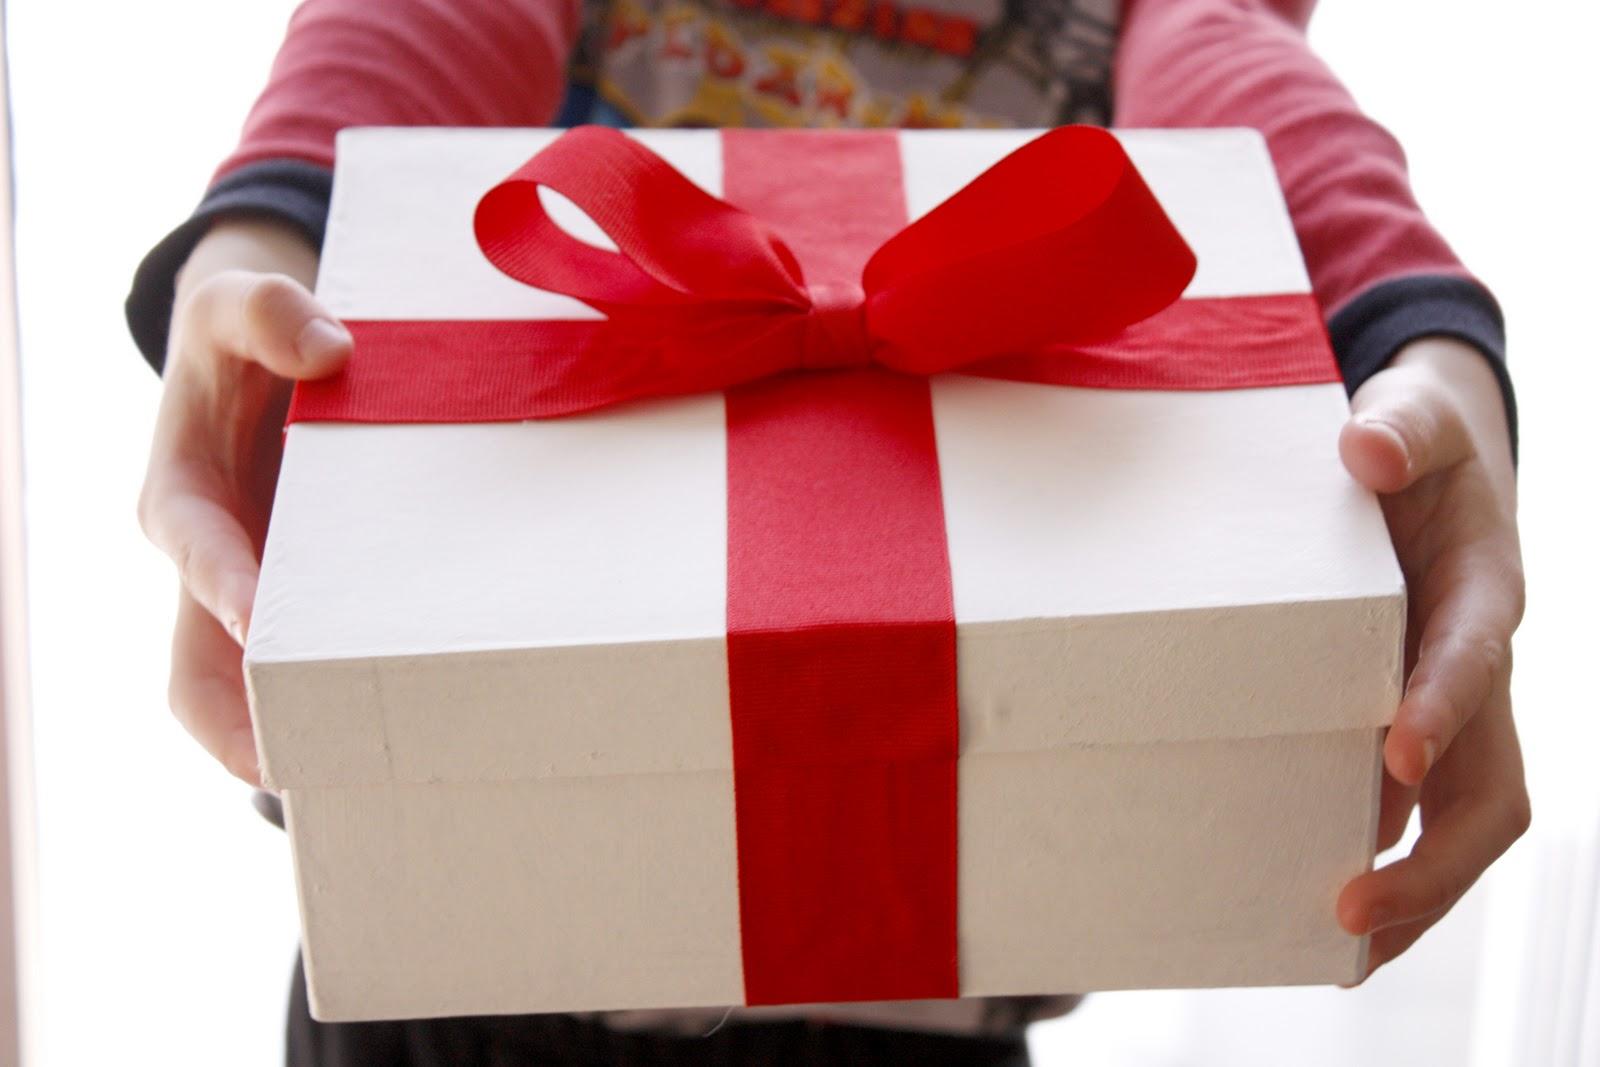 Как сделать так, чтобы мужчина захотел дарить подарки? - Elle 82